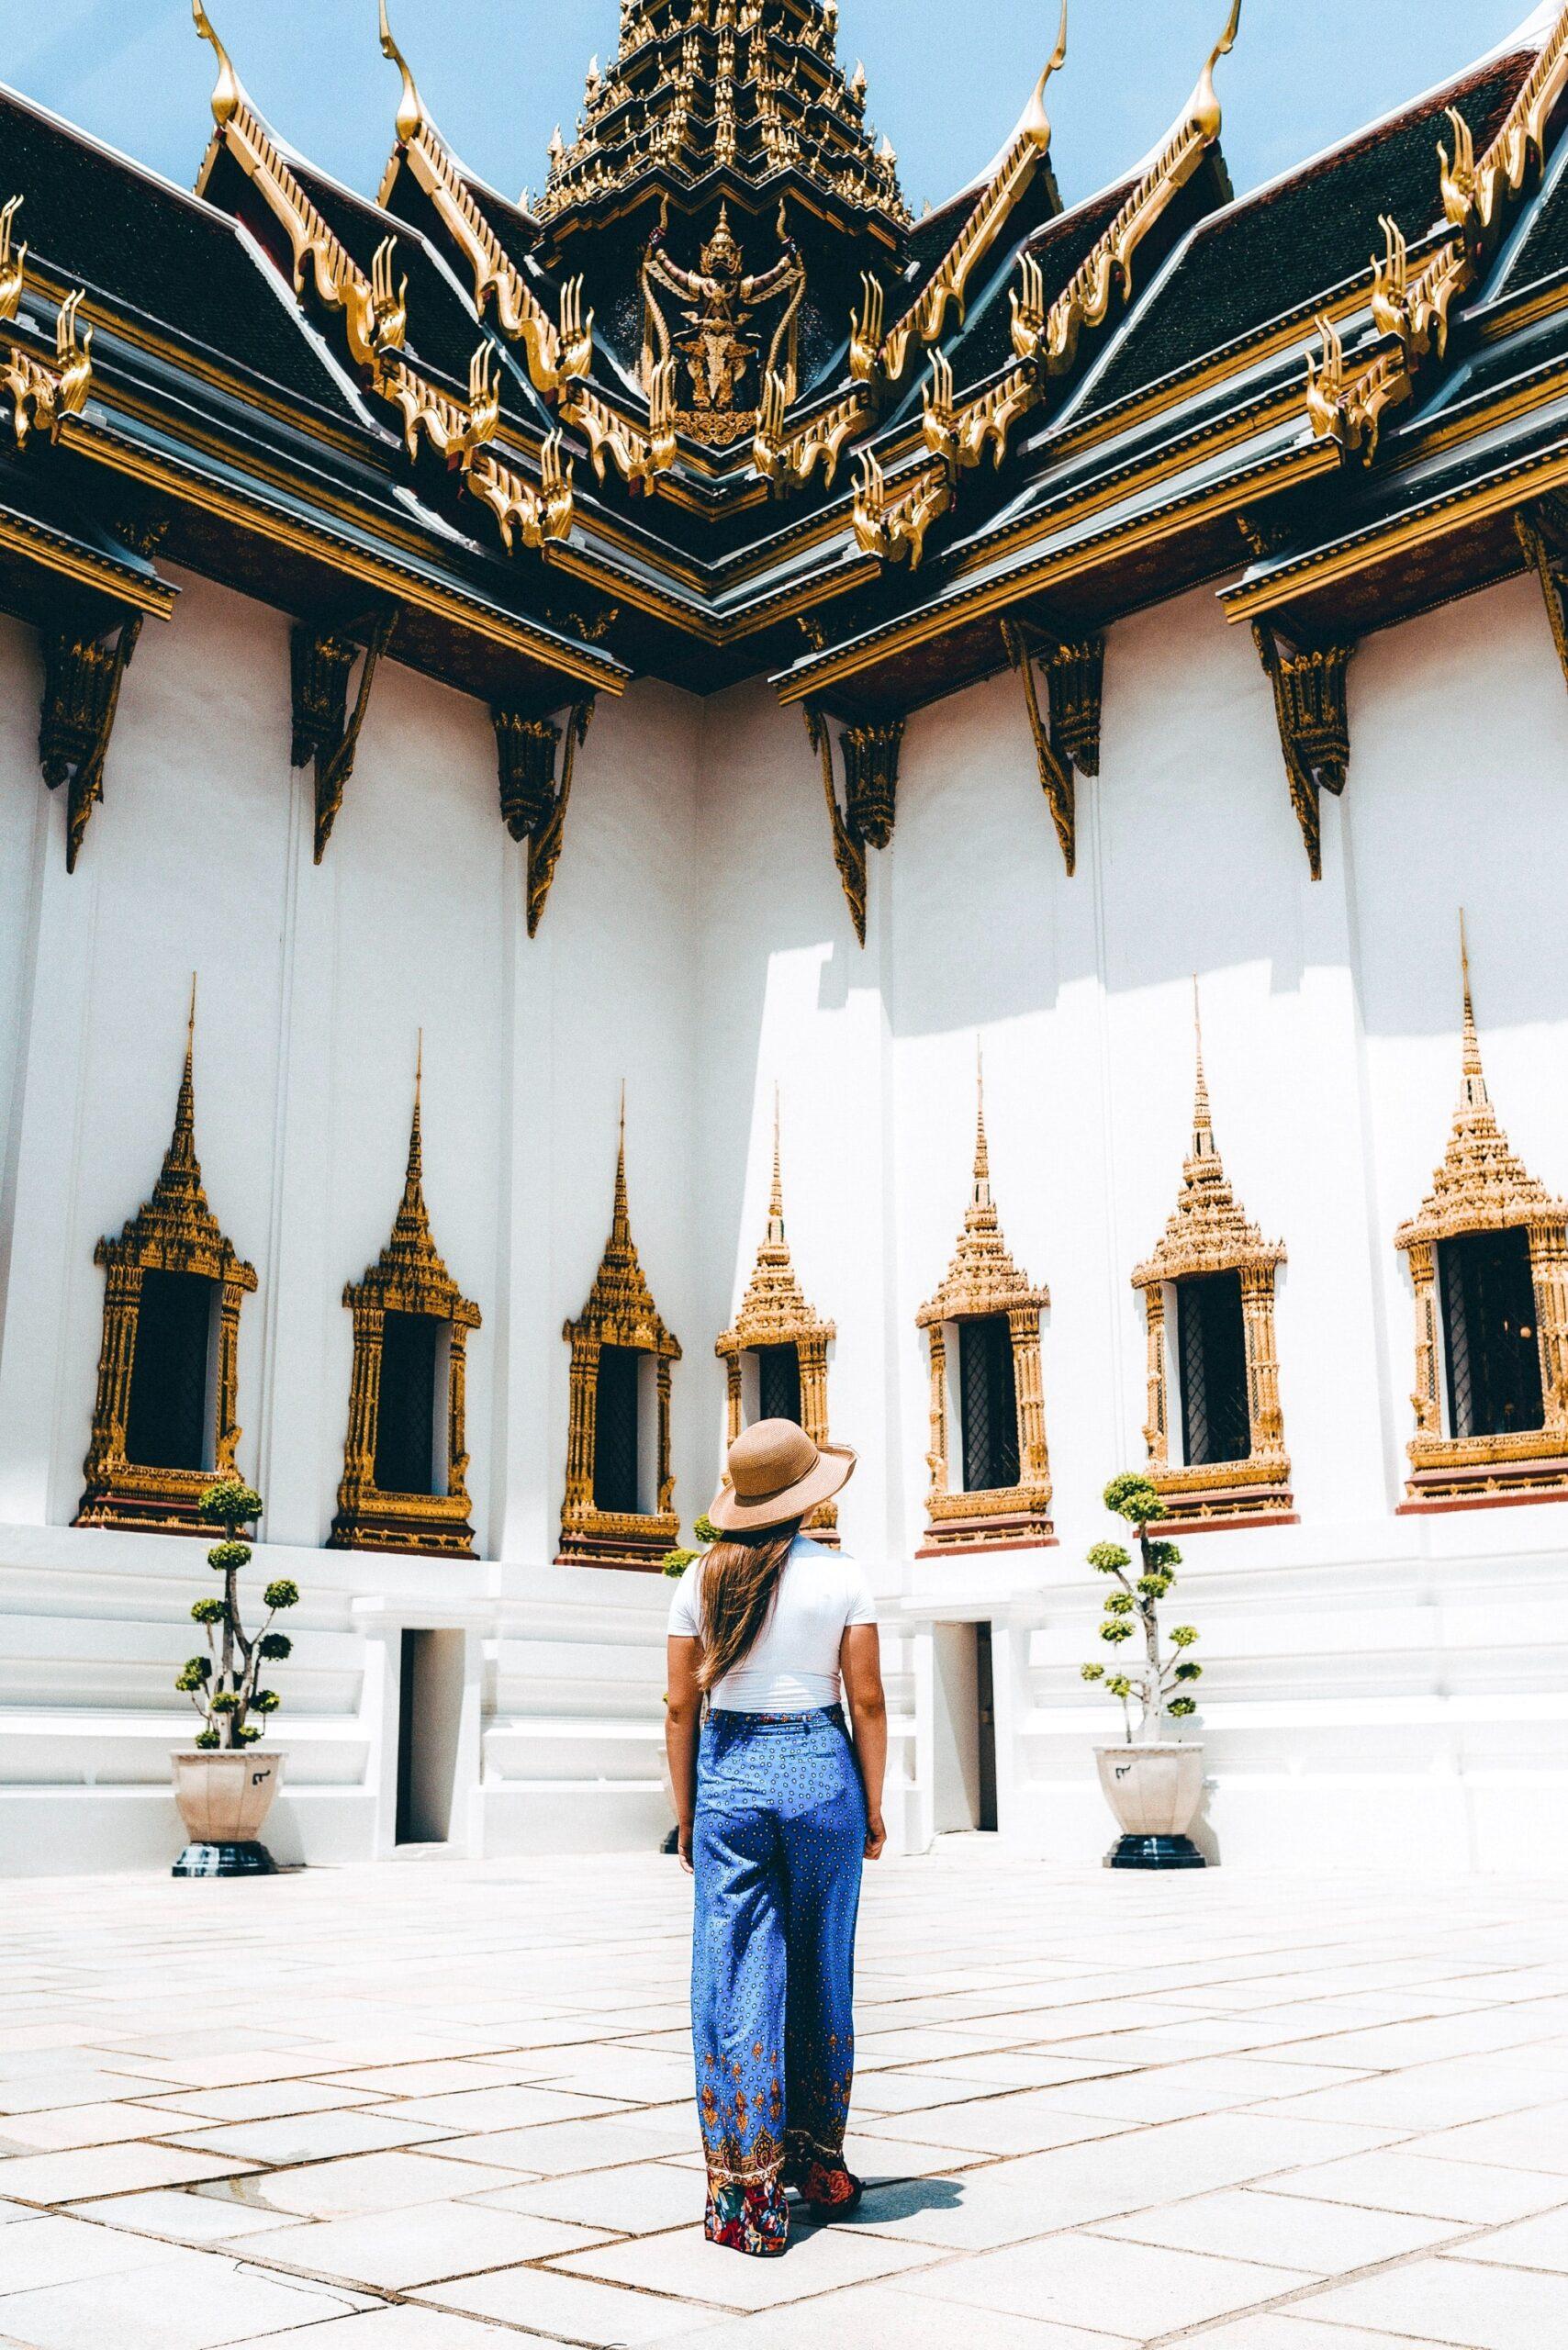 El Gran Palacio ocupado por turistas